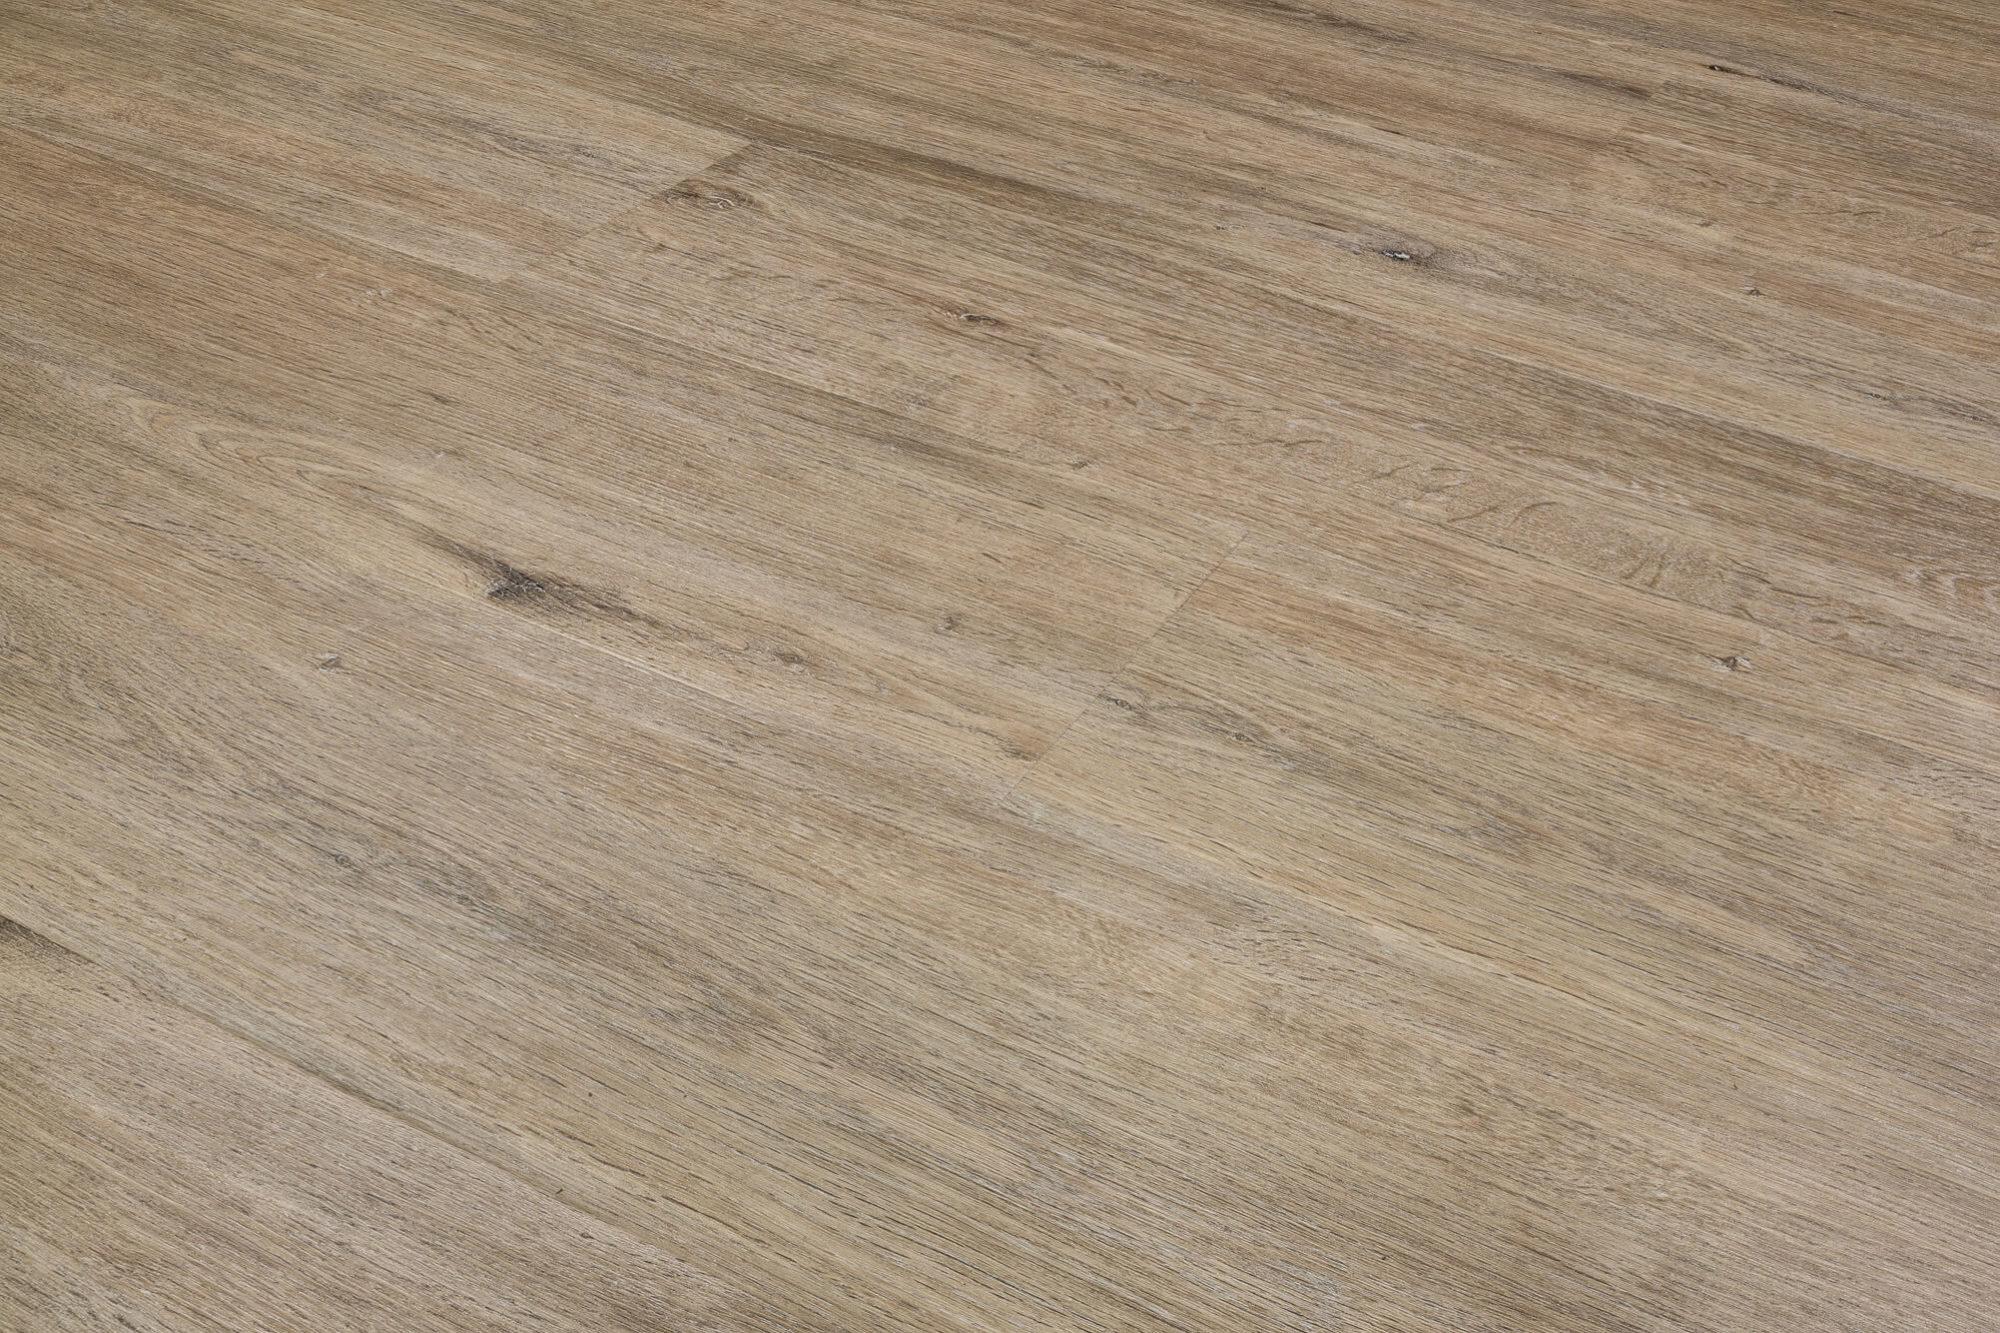 Afbeelding van vloersoort Eiken 6504